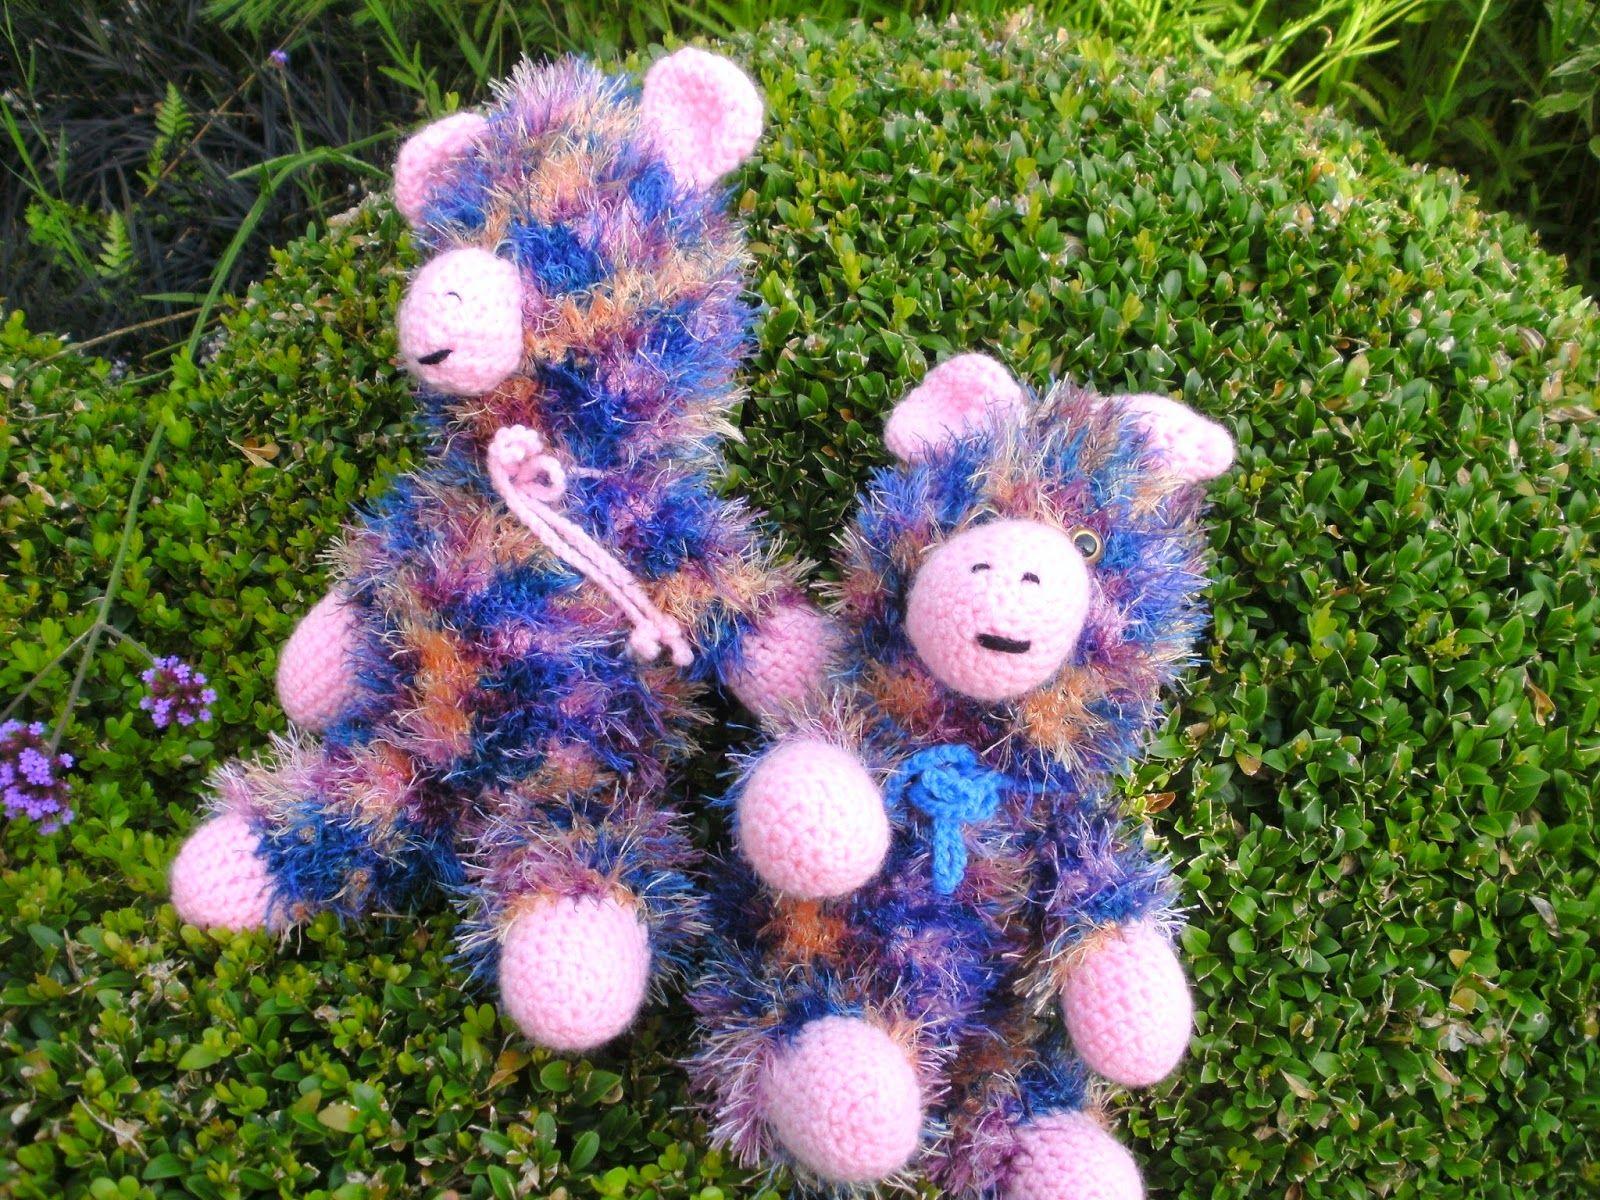 Knuffeltjes. Deze lieve en superzachte knuffels van Fluffy van zeeman zijn voor de actie zonneknuffels. HartDoors & Knuffeltjes. Deze lieve en superzachte knuffels van Fluffy van ...